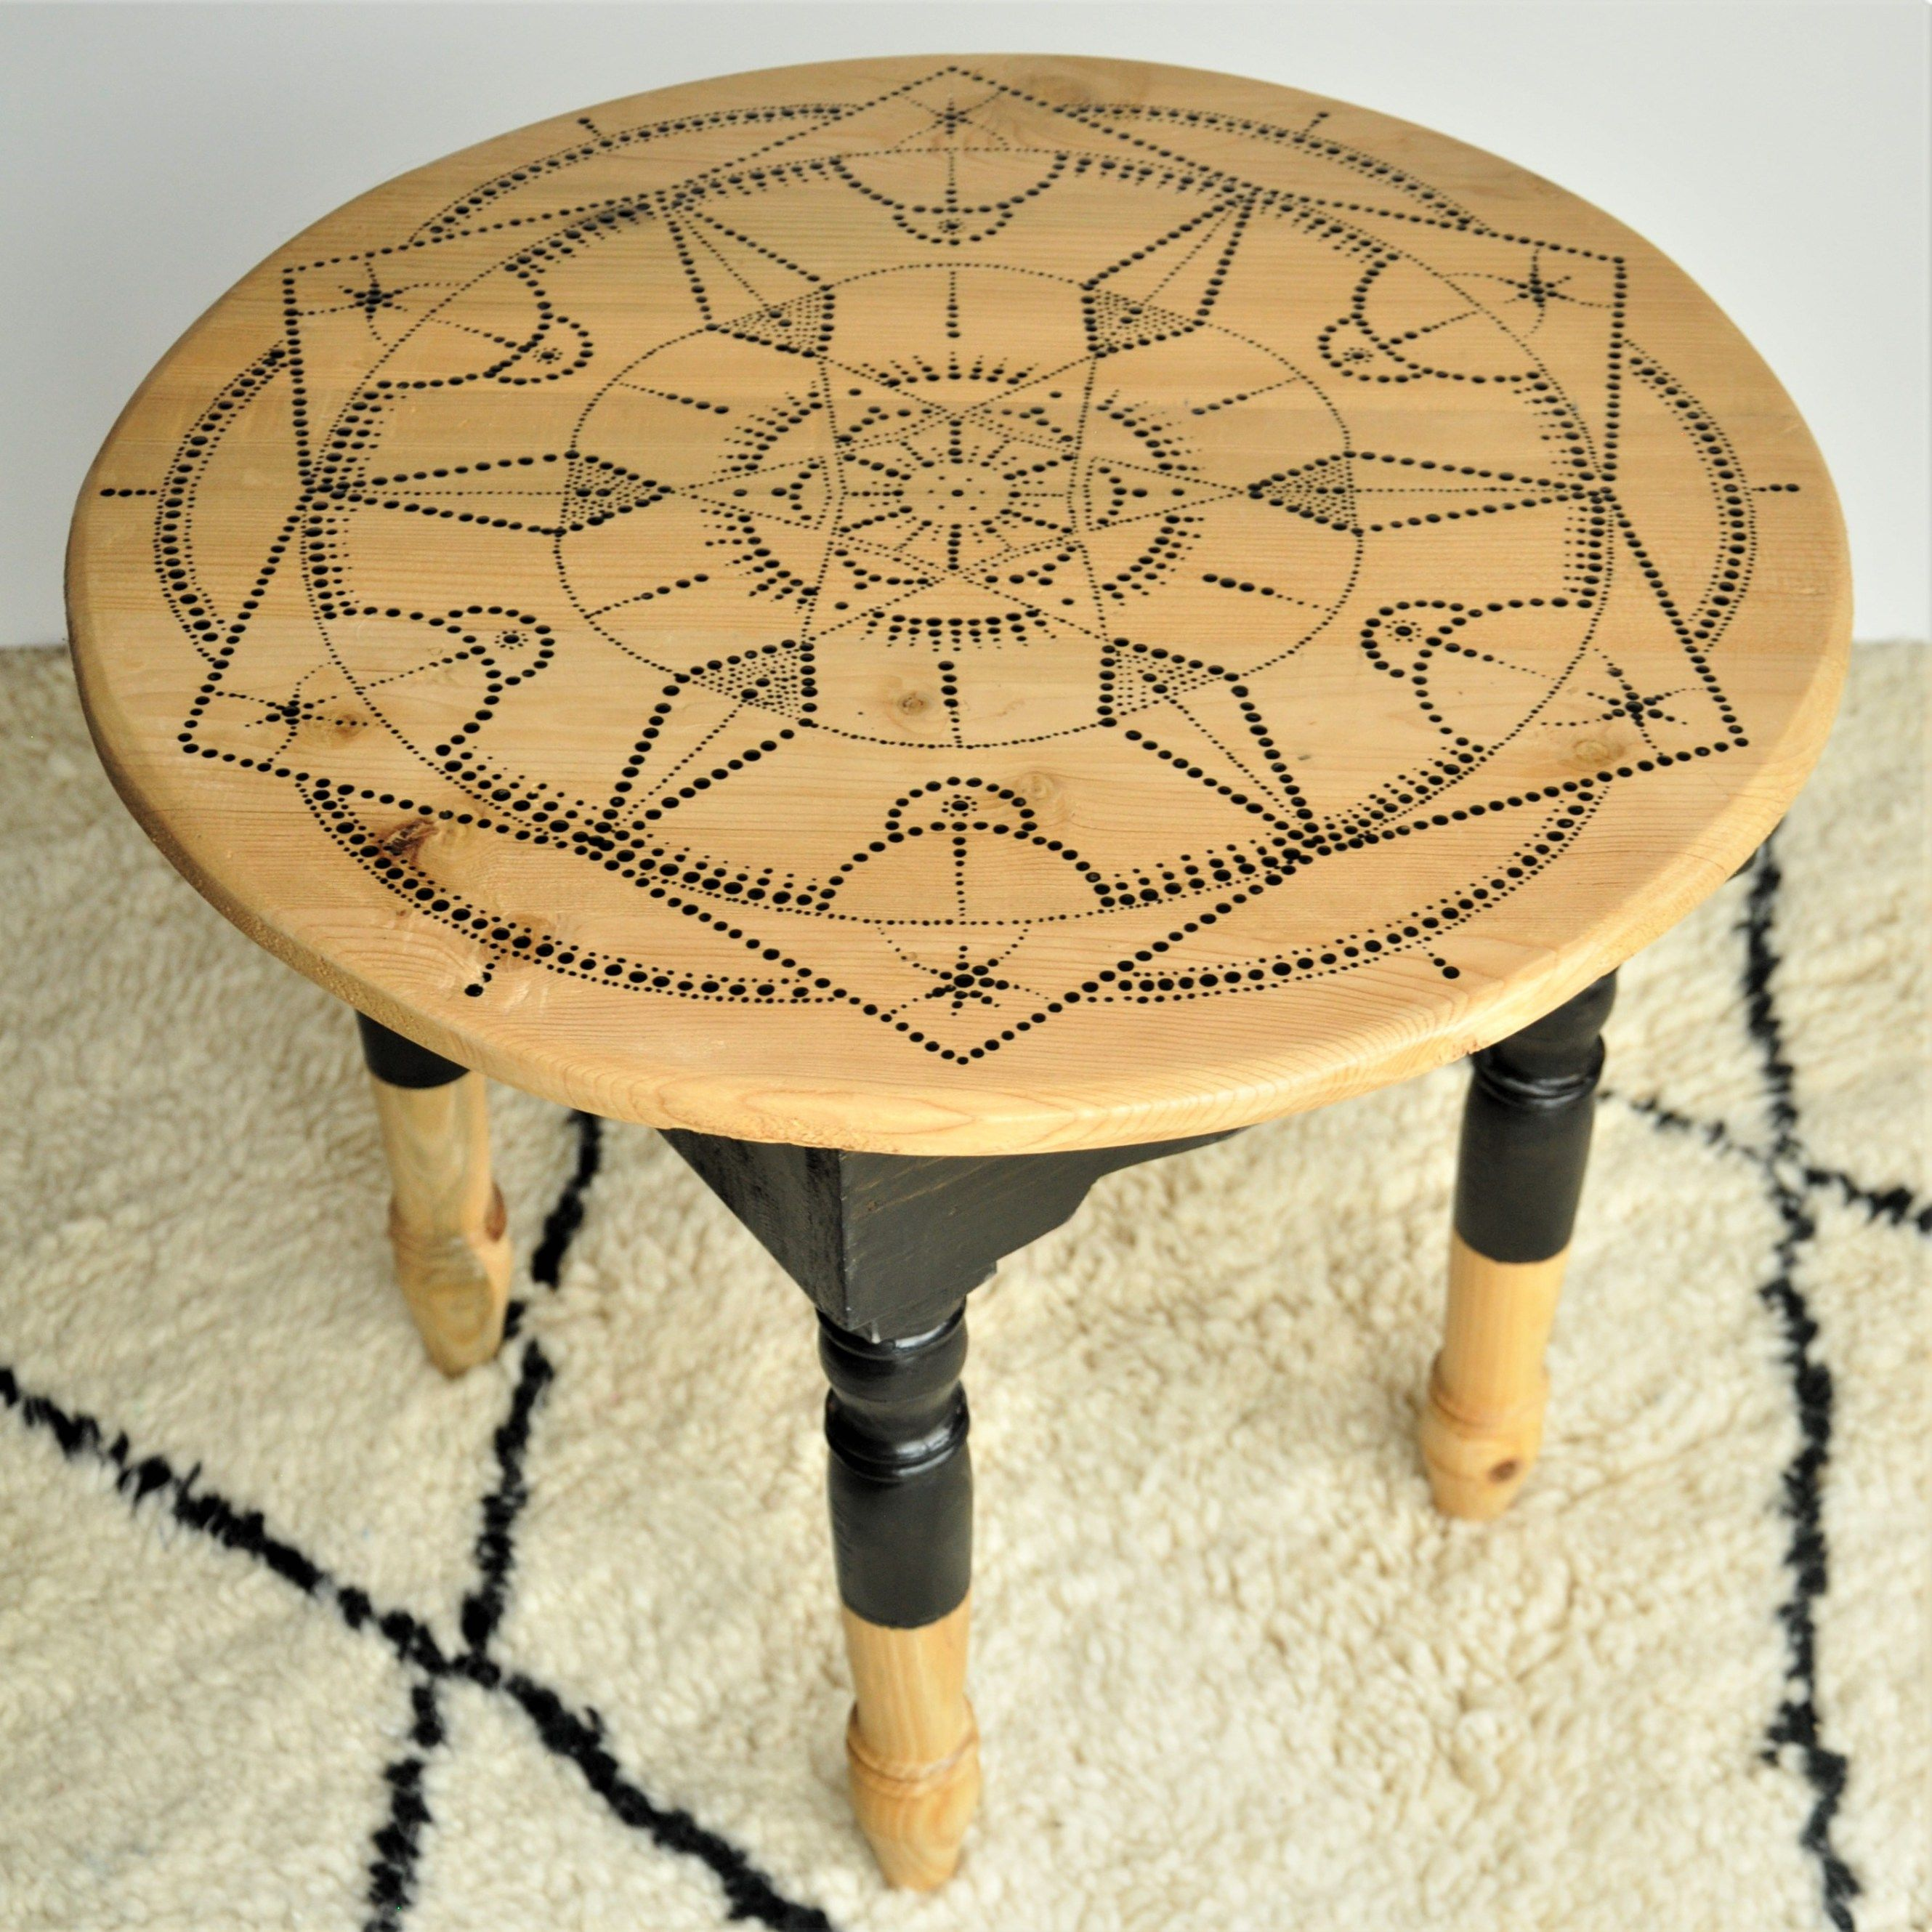 table marocaine revisité dans un style tatouage